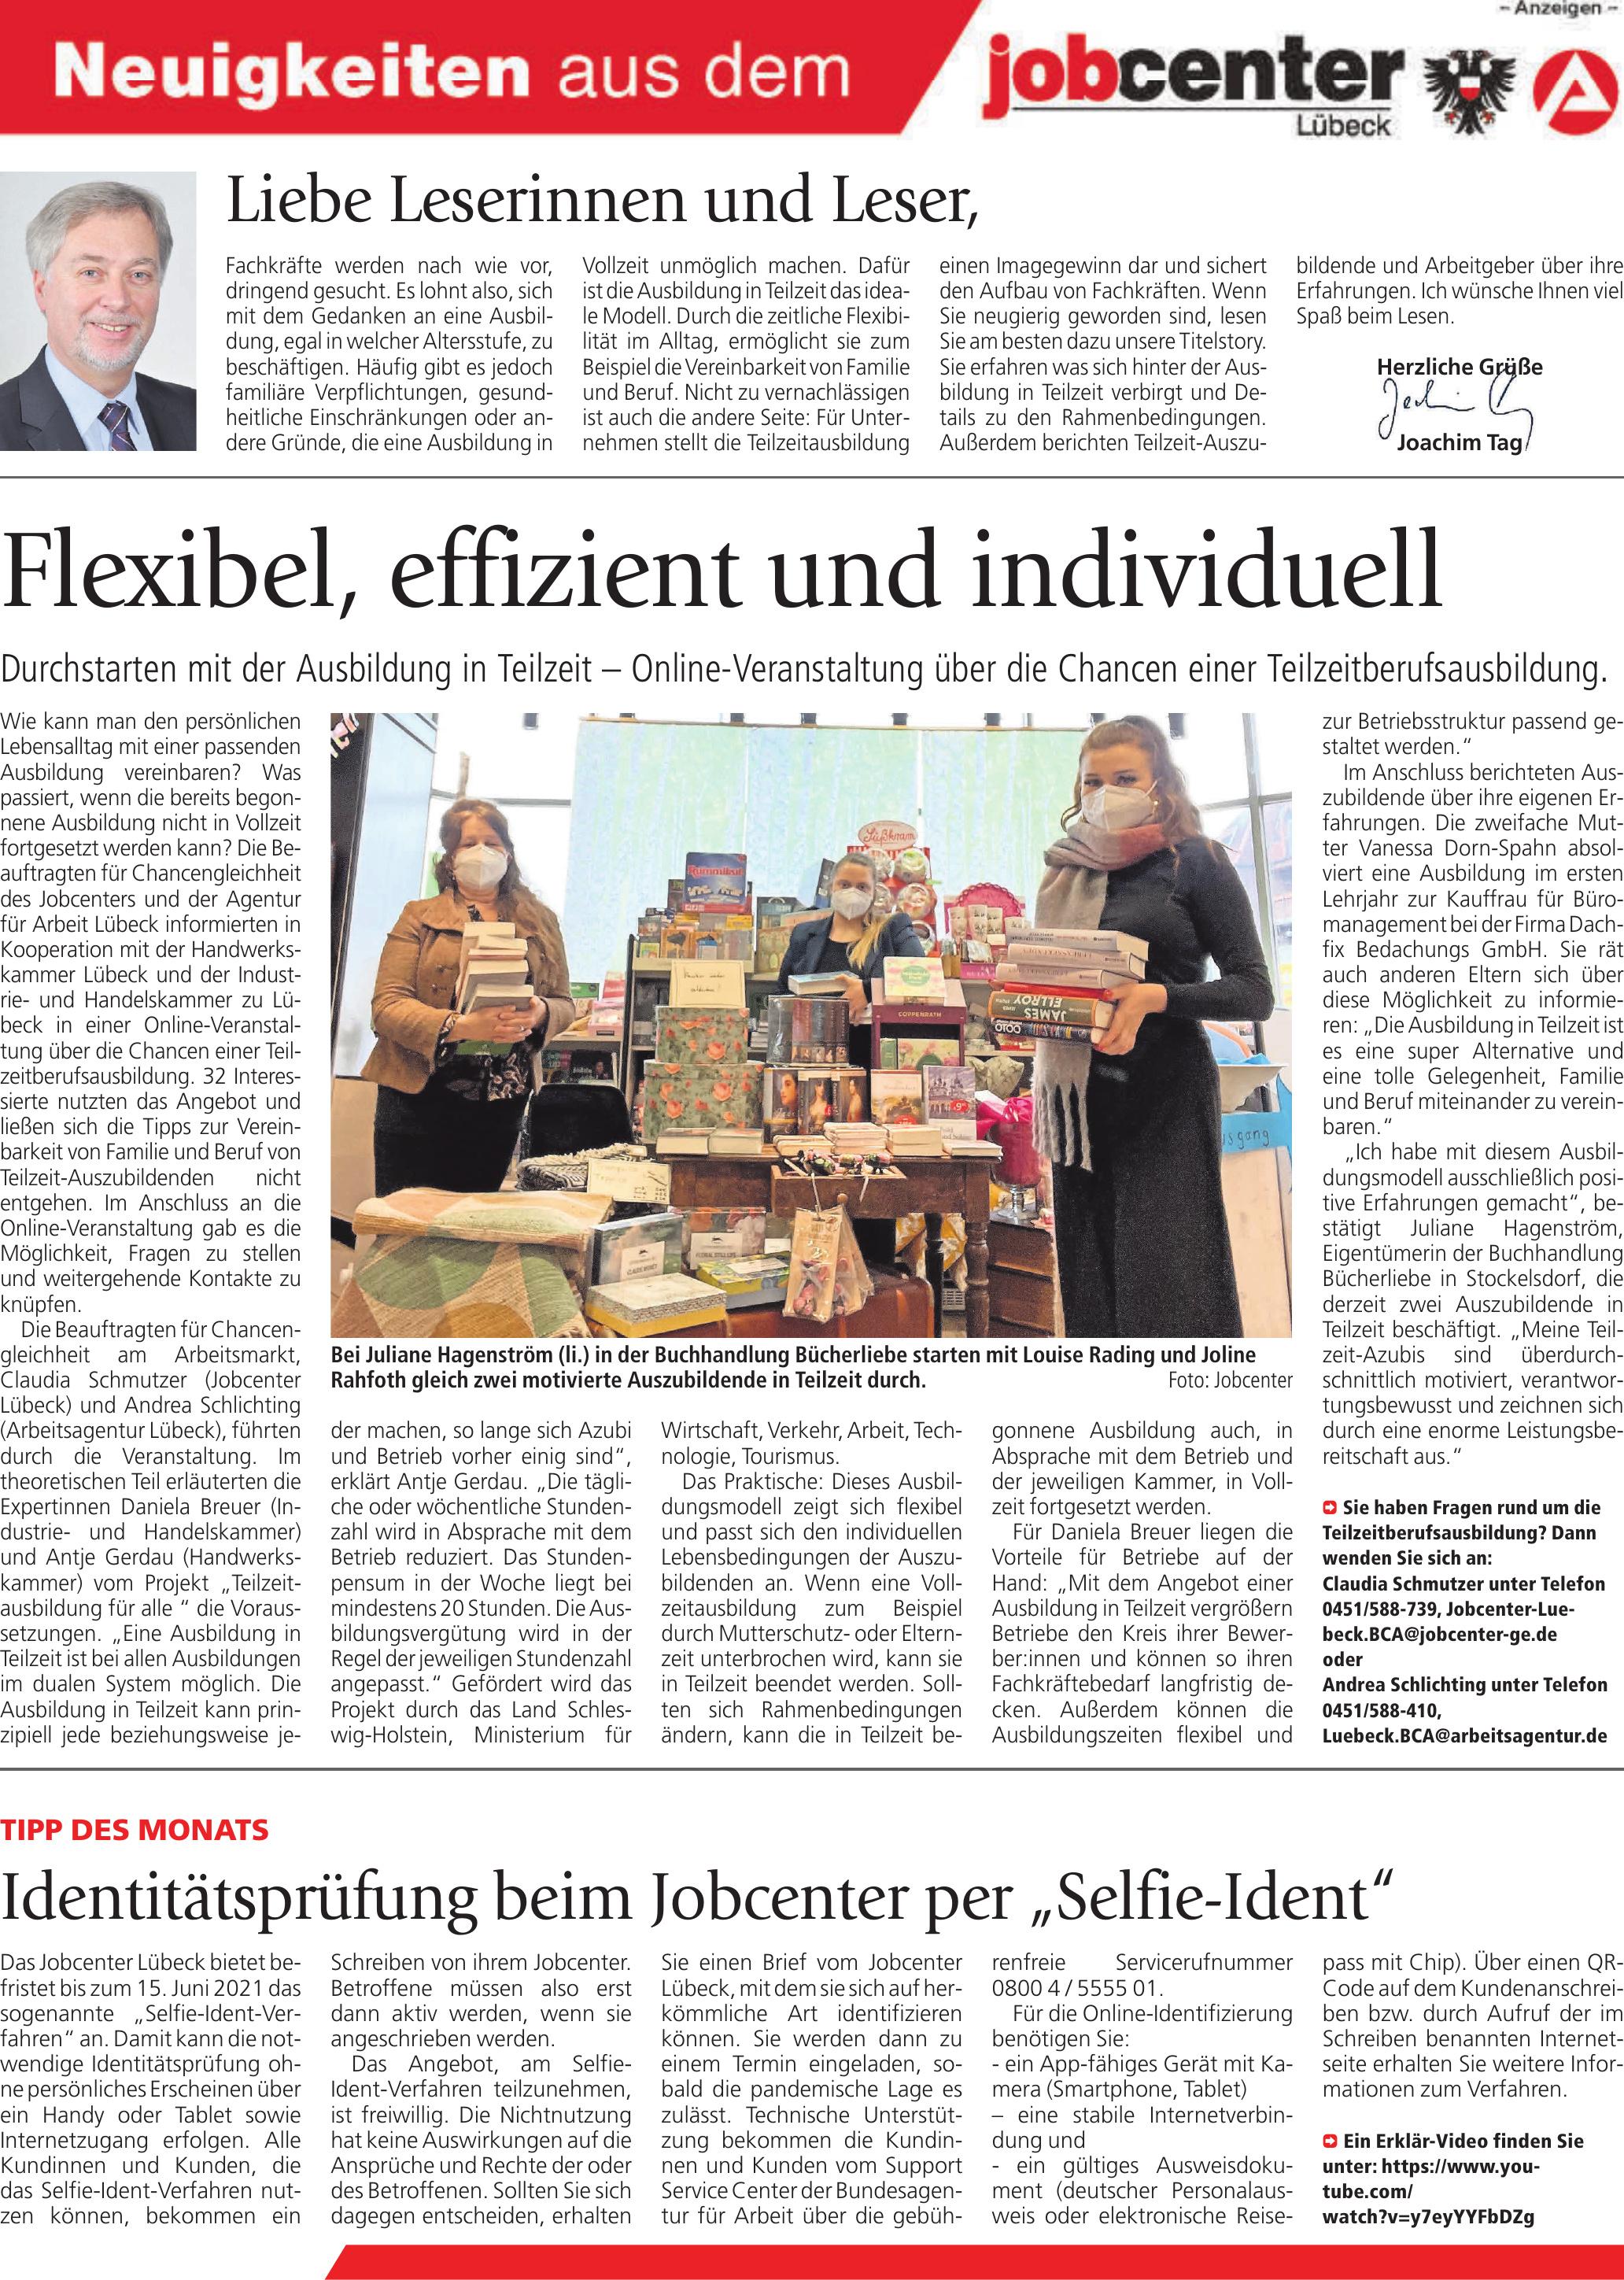 Neuigkeiten aus dem jobcenter Lübeck